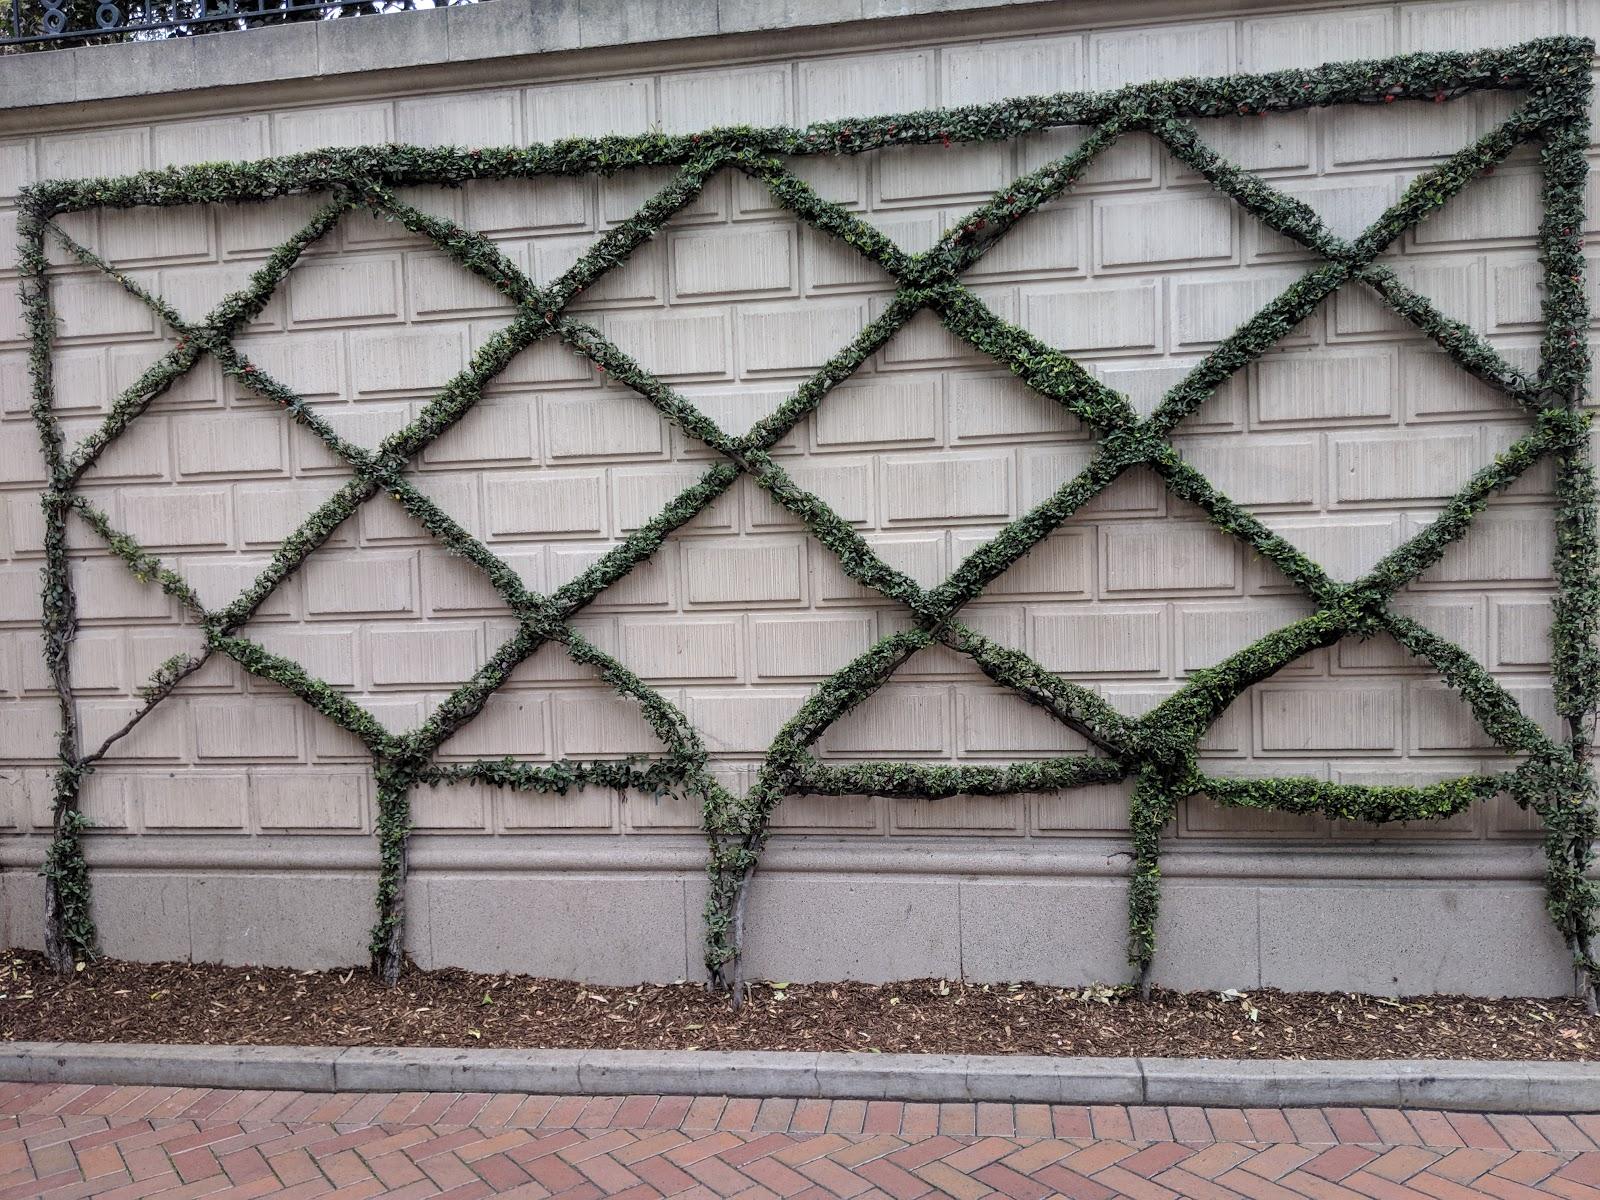 af03316b Belgian Fence Espalier Inspiration Via Disneyland